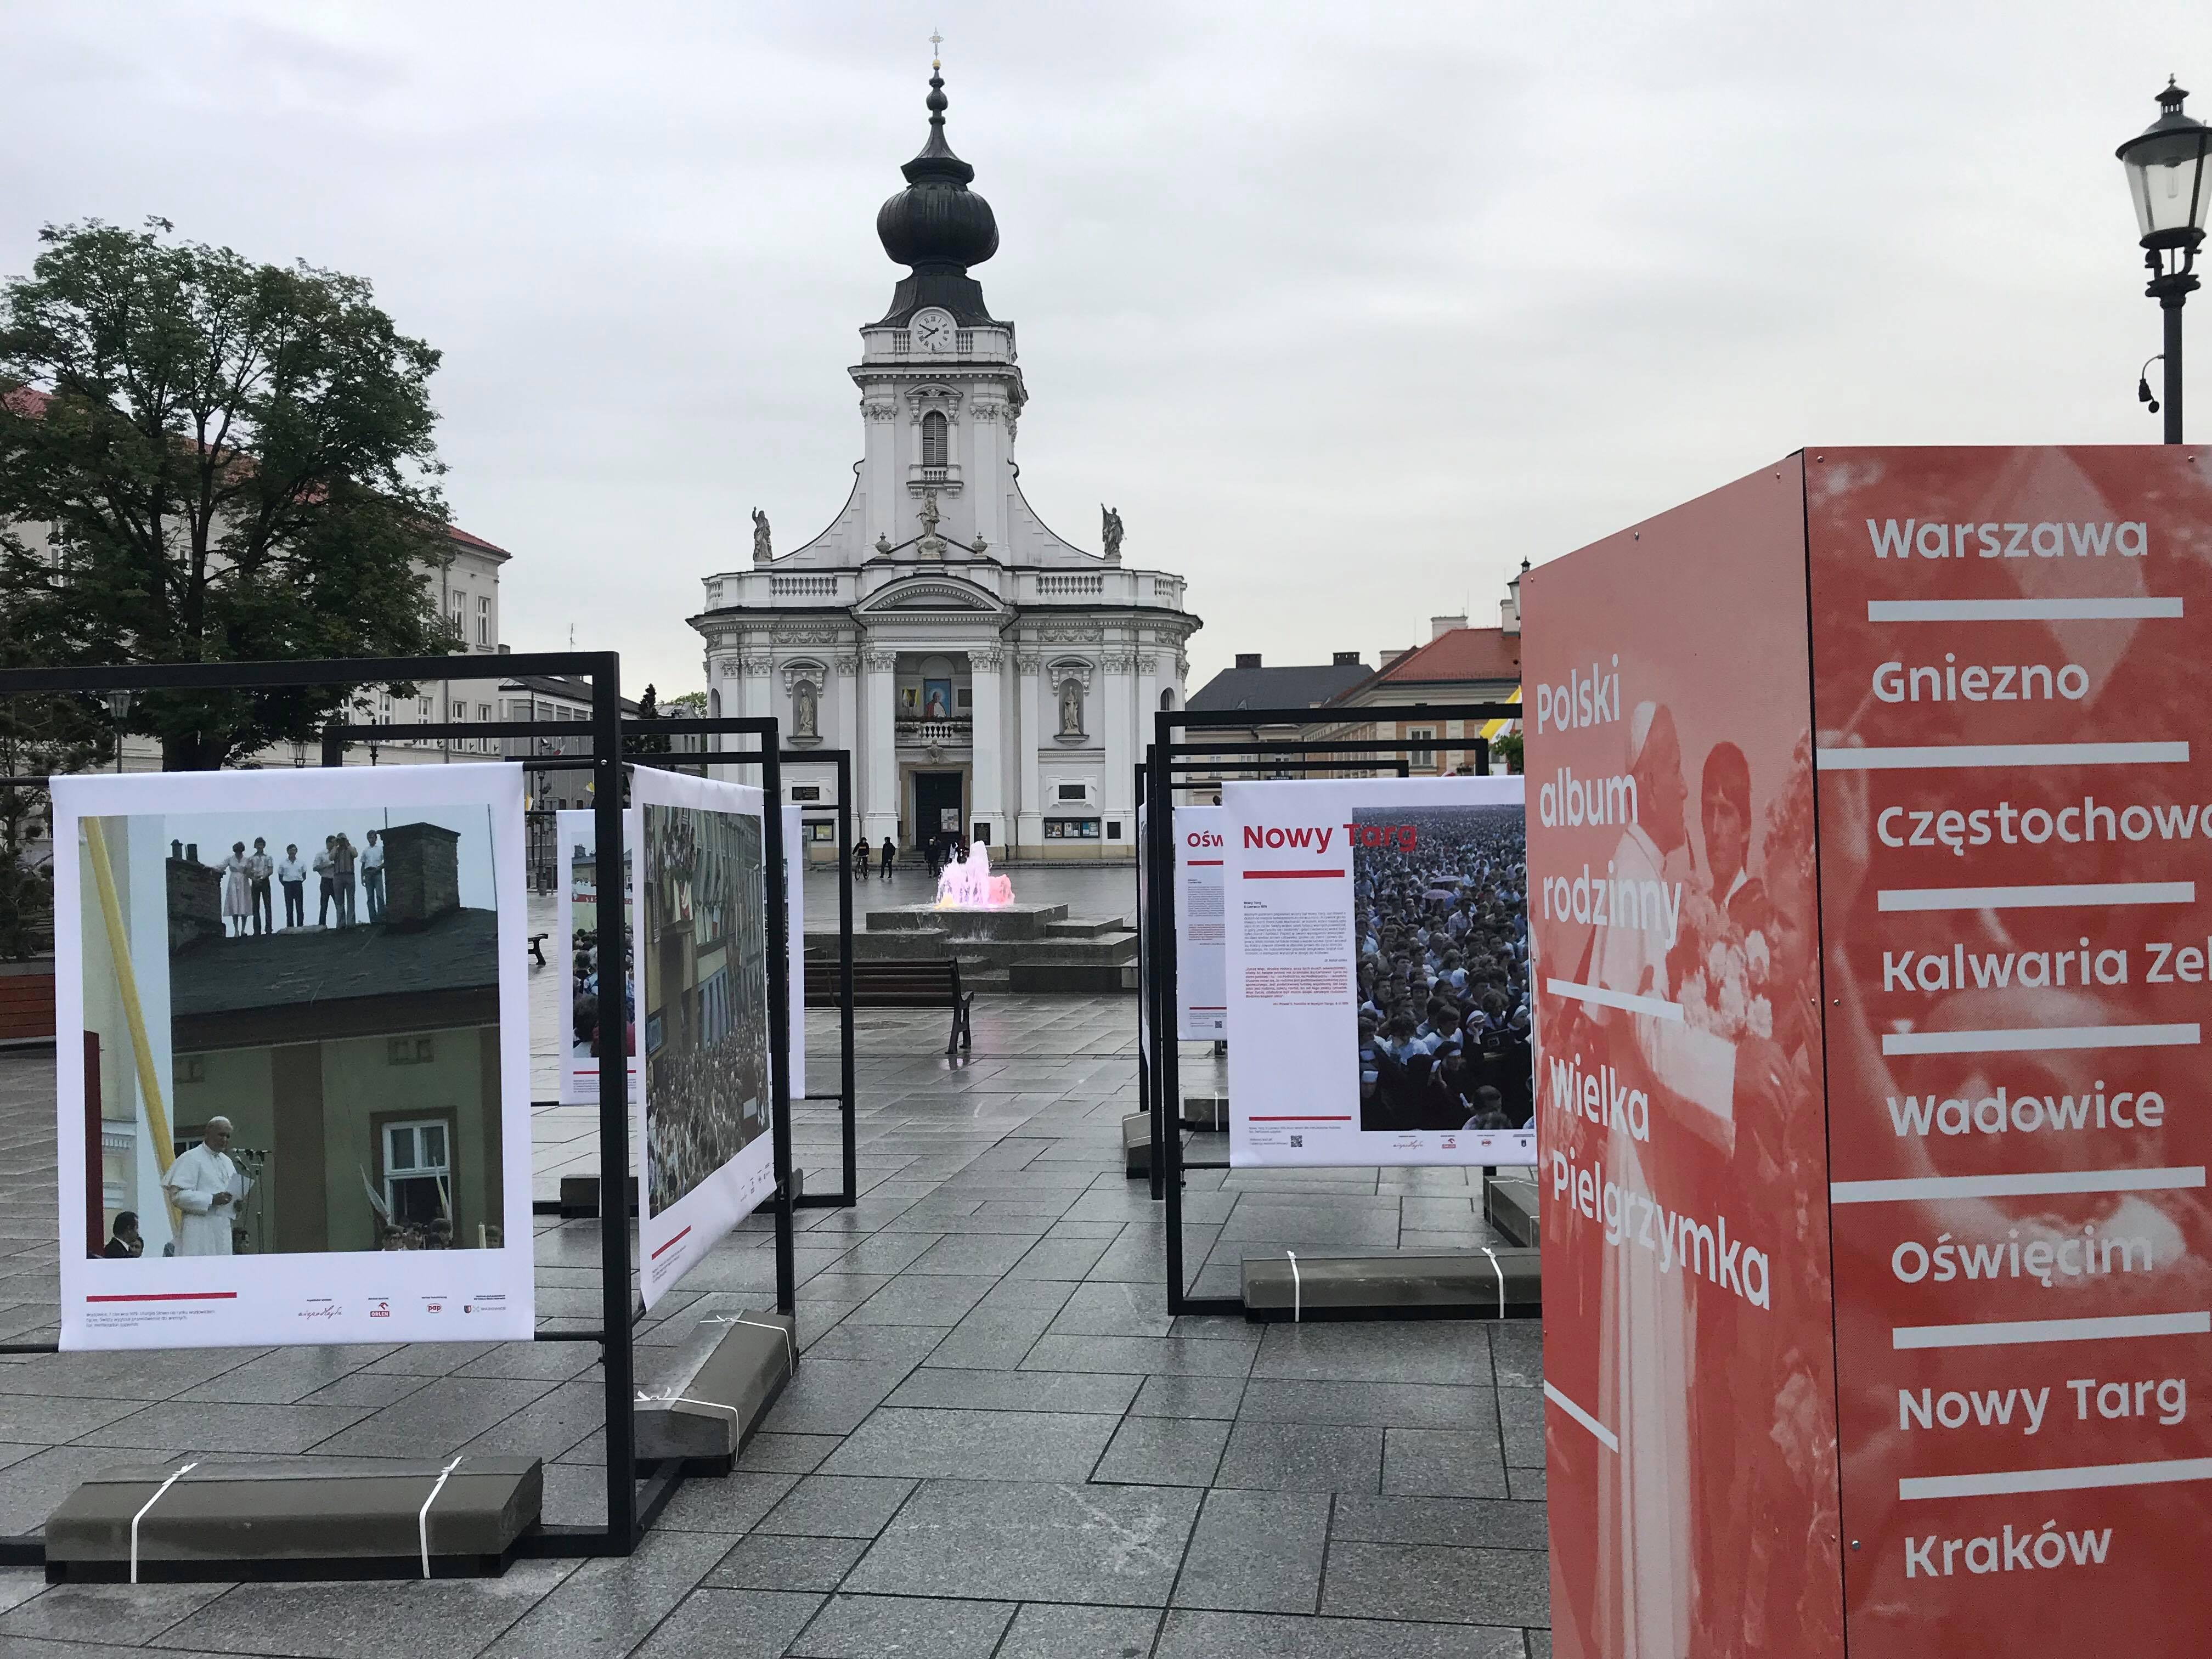 wystawa planszowa rozstawionka na rynku w Wadowicach, w tle Bazylika Mniejsza Ofiarowania Najświętszej Maryi Panny